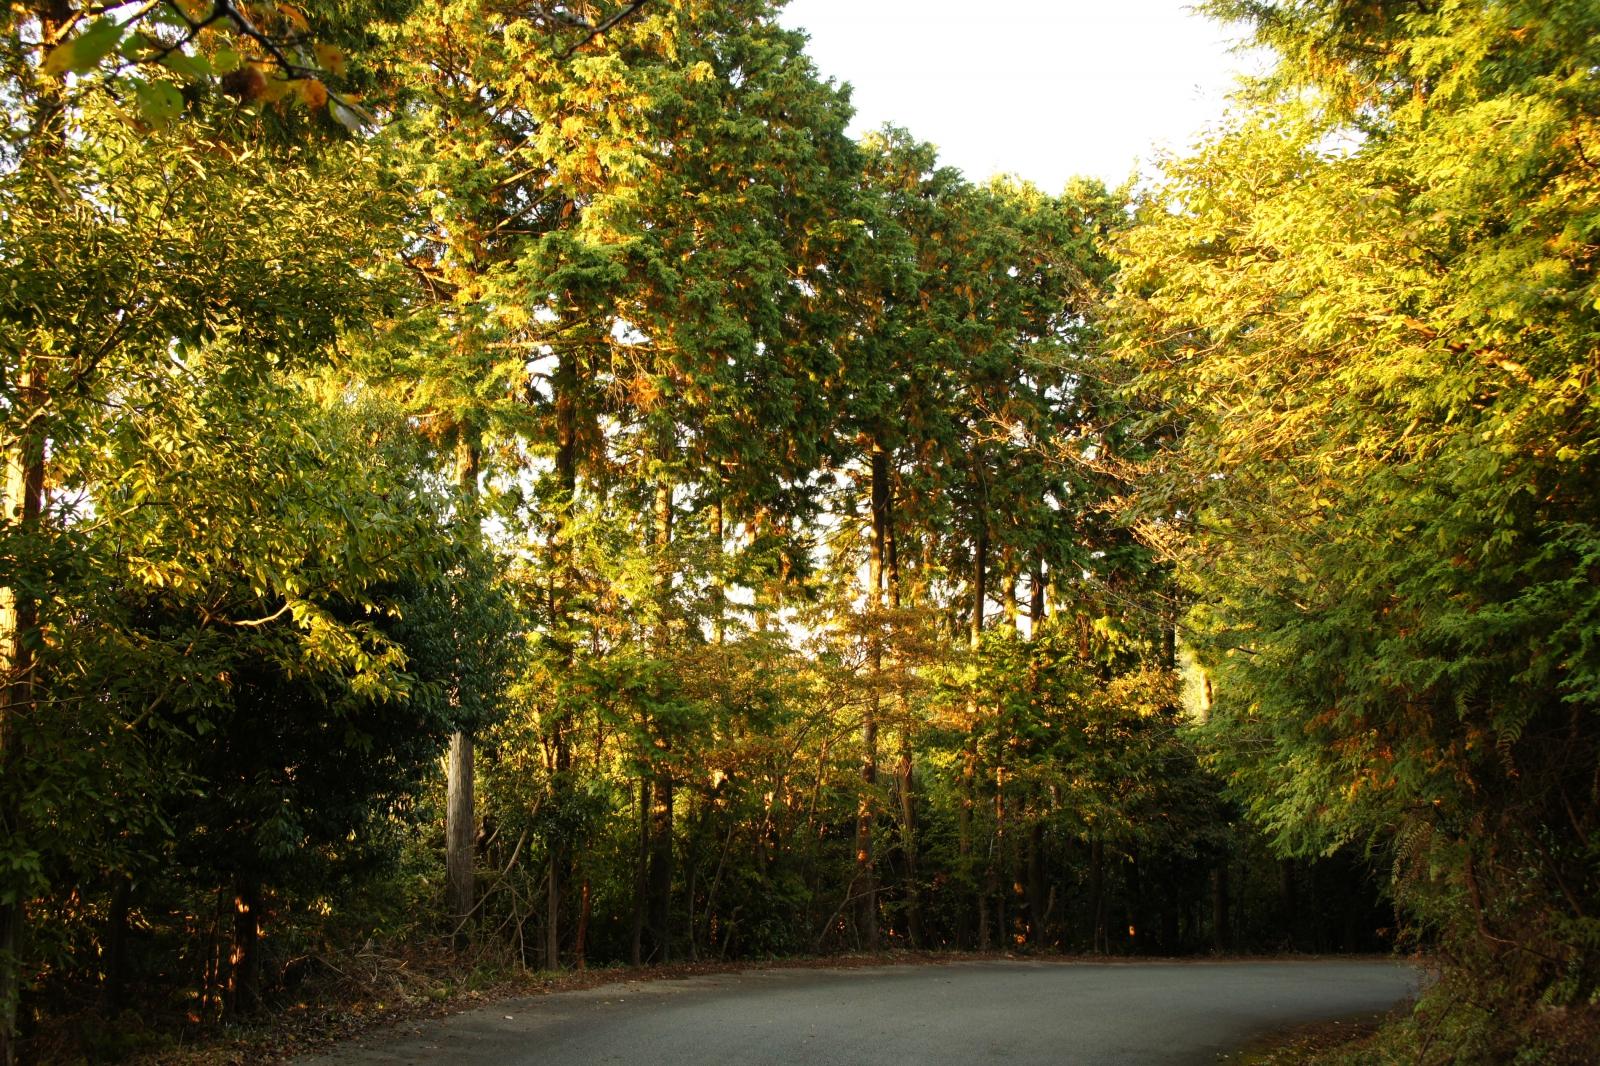 奥多摩のドライブスポット7選!自然豊かな人気観光地を満喫しよう